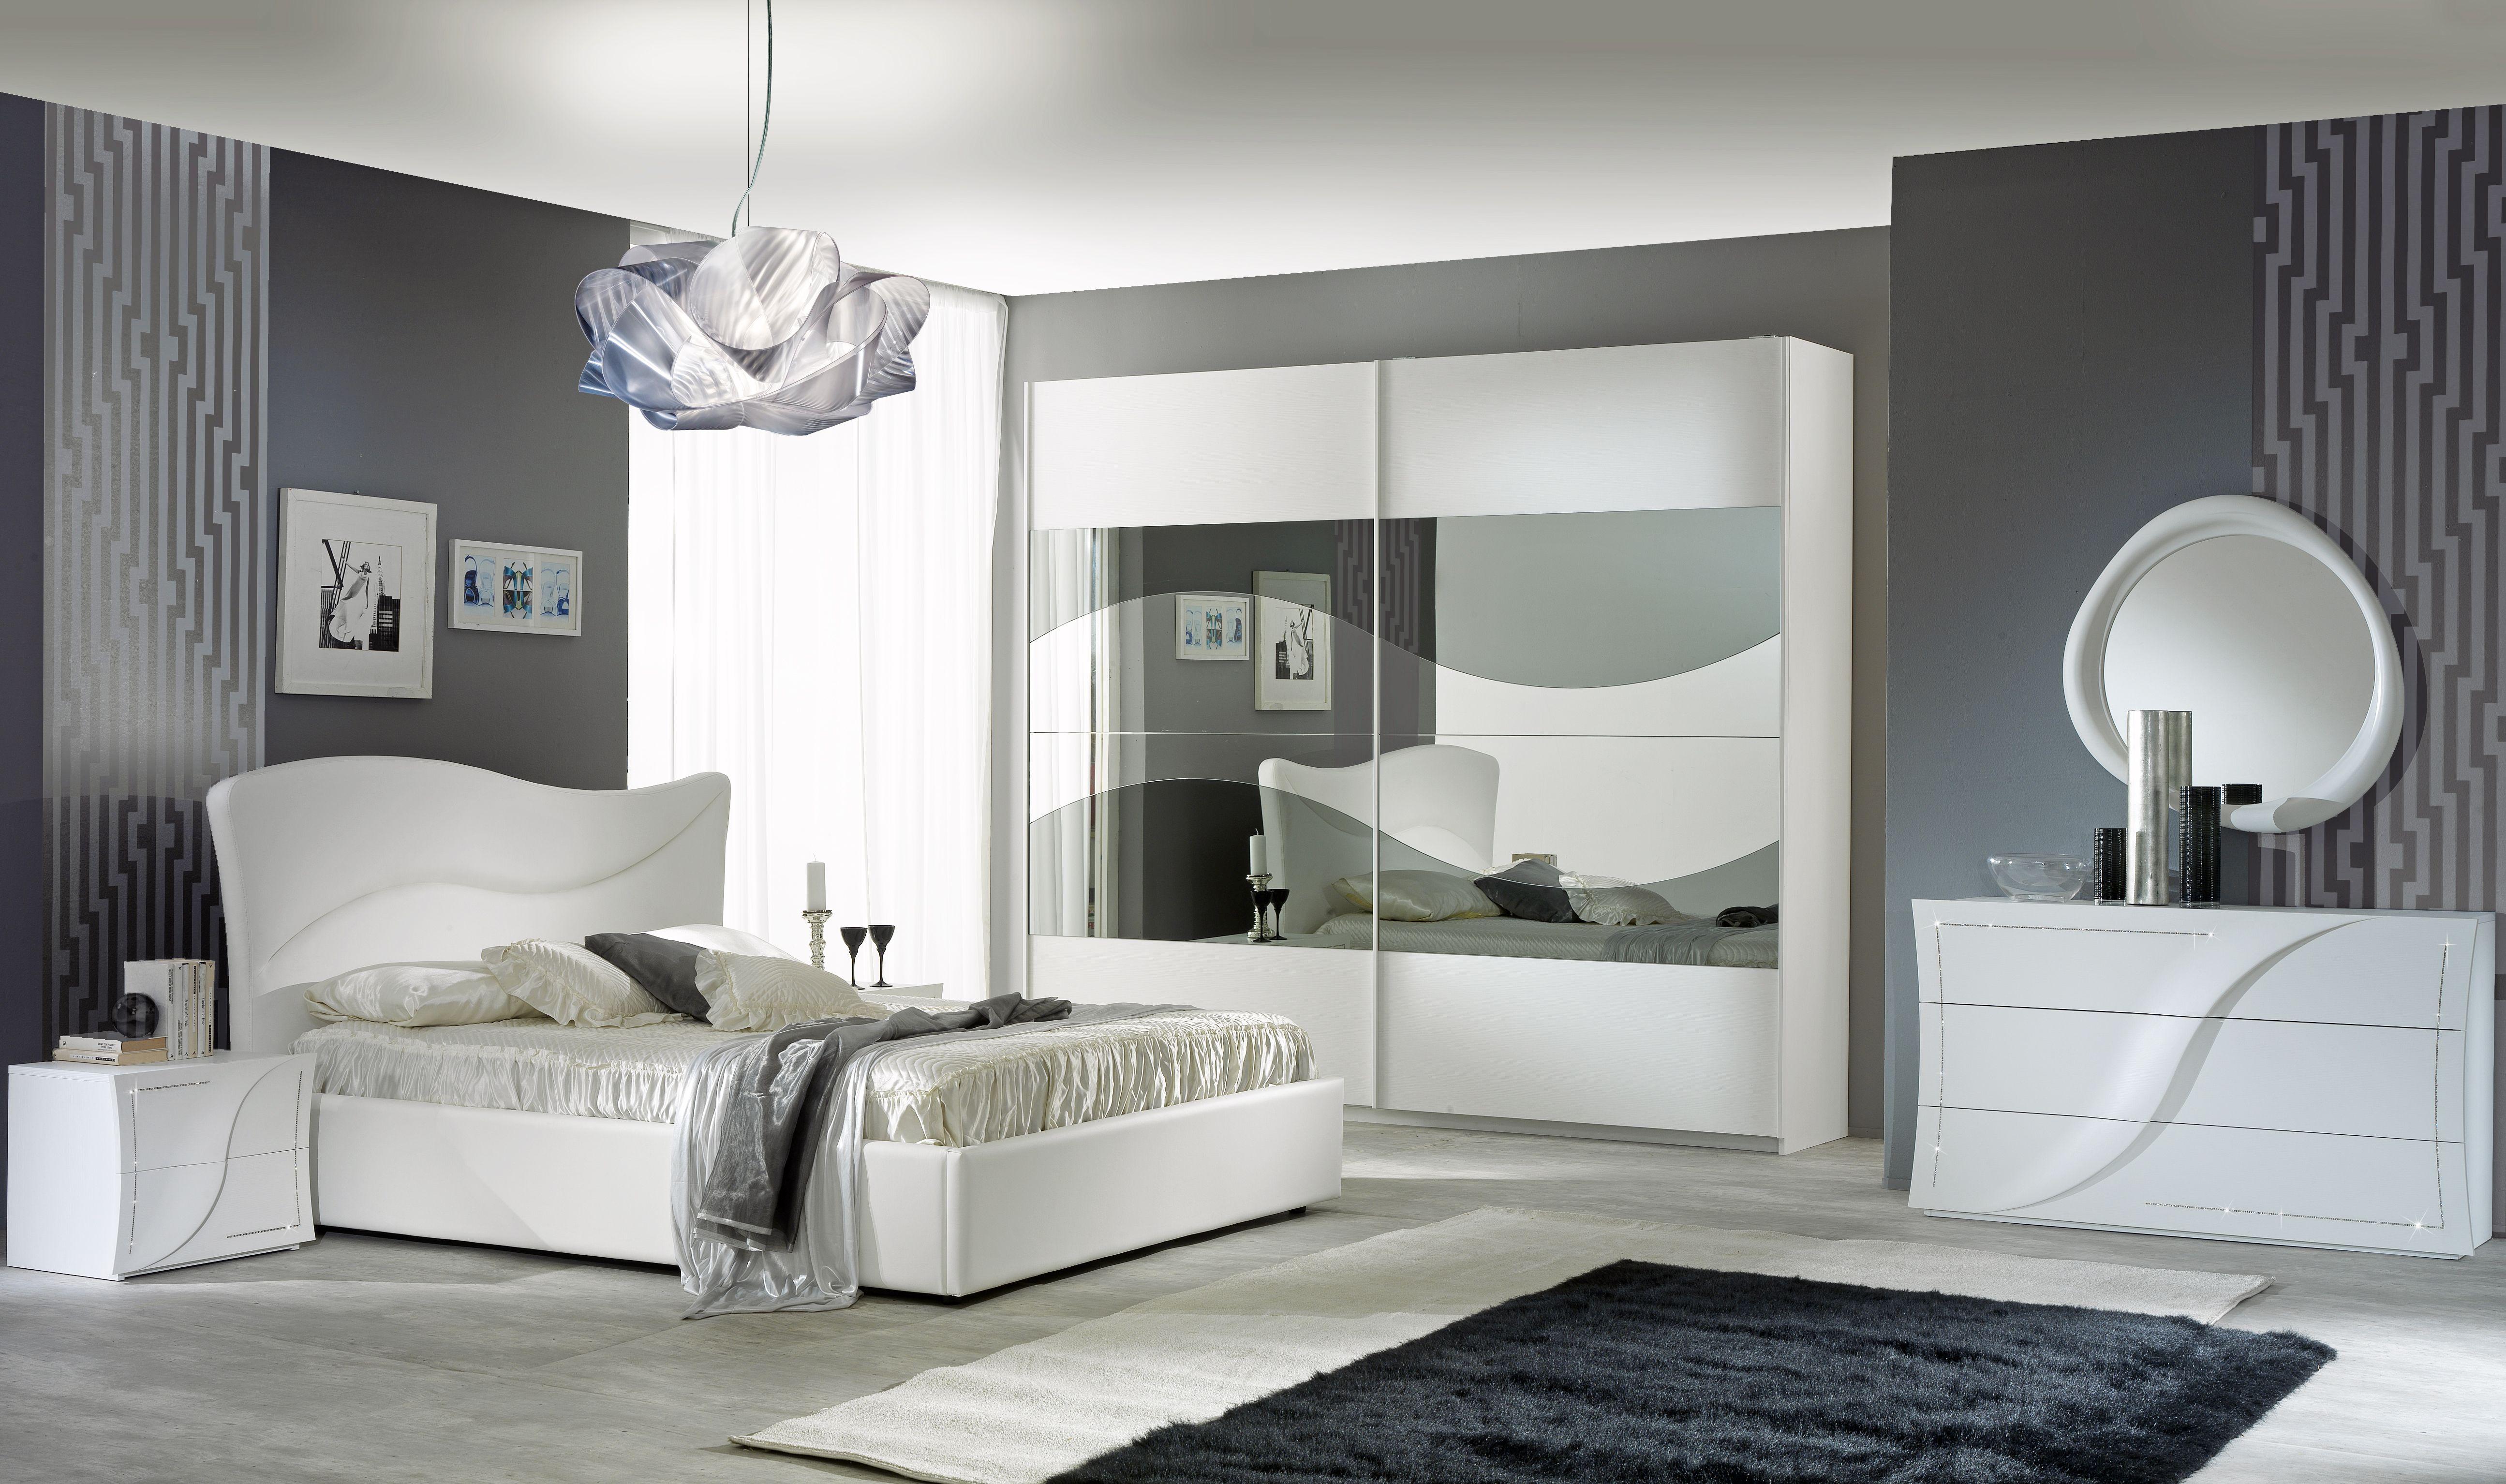 Modernes Kleiderschrank Elegantes Schlafzimmer Inneneinrichtung Dekorationsideen Einrichten Schlafzimmer Wohnzimmer Schlafzimmer Zimmer Haus Dekoration